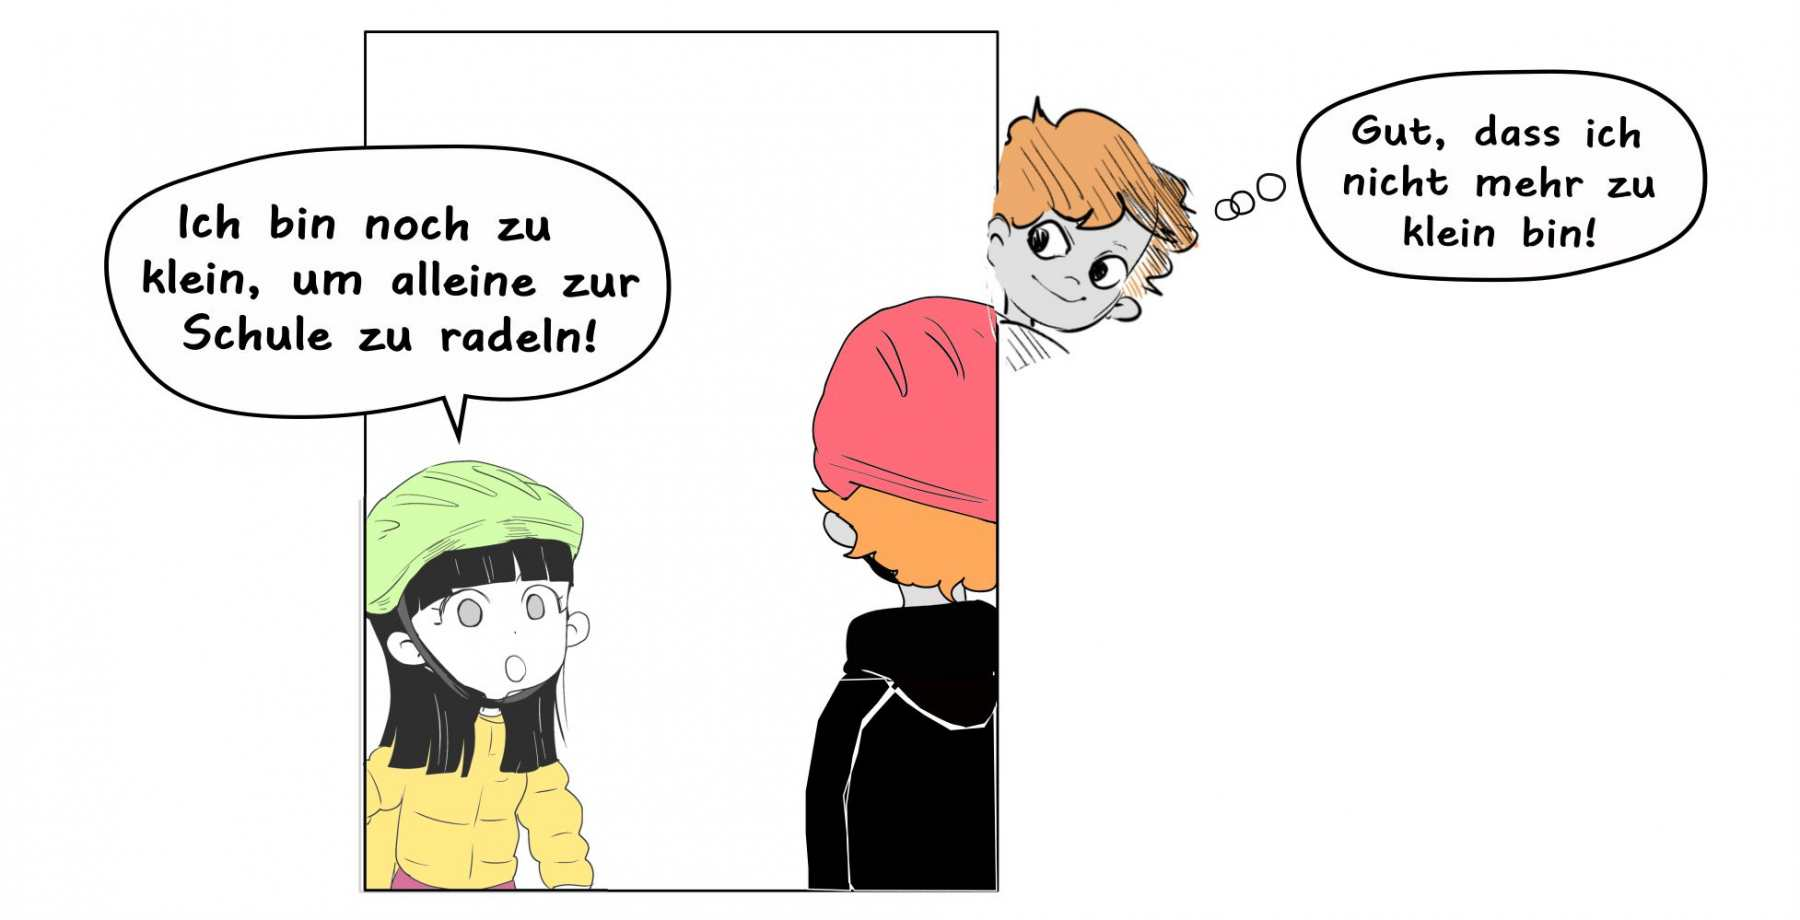 DE_06_nochzuklein_1000